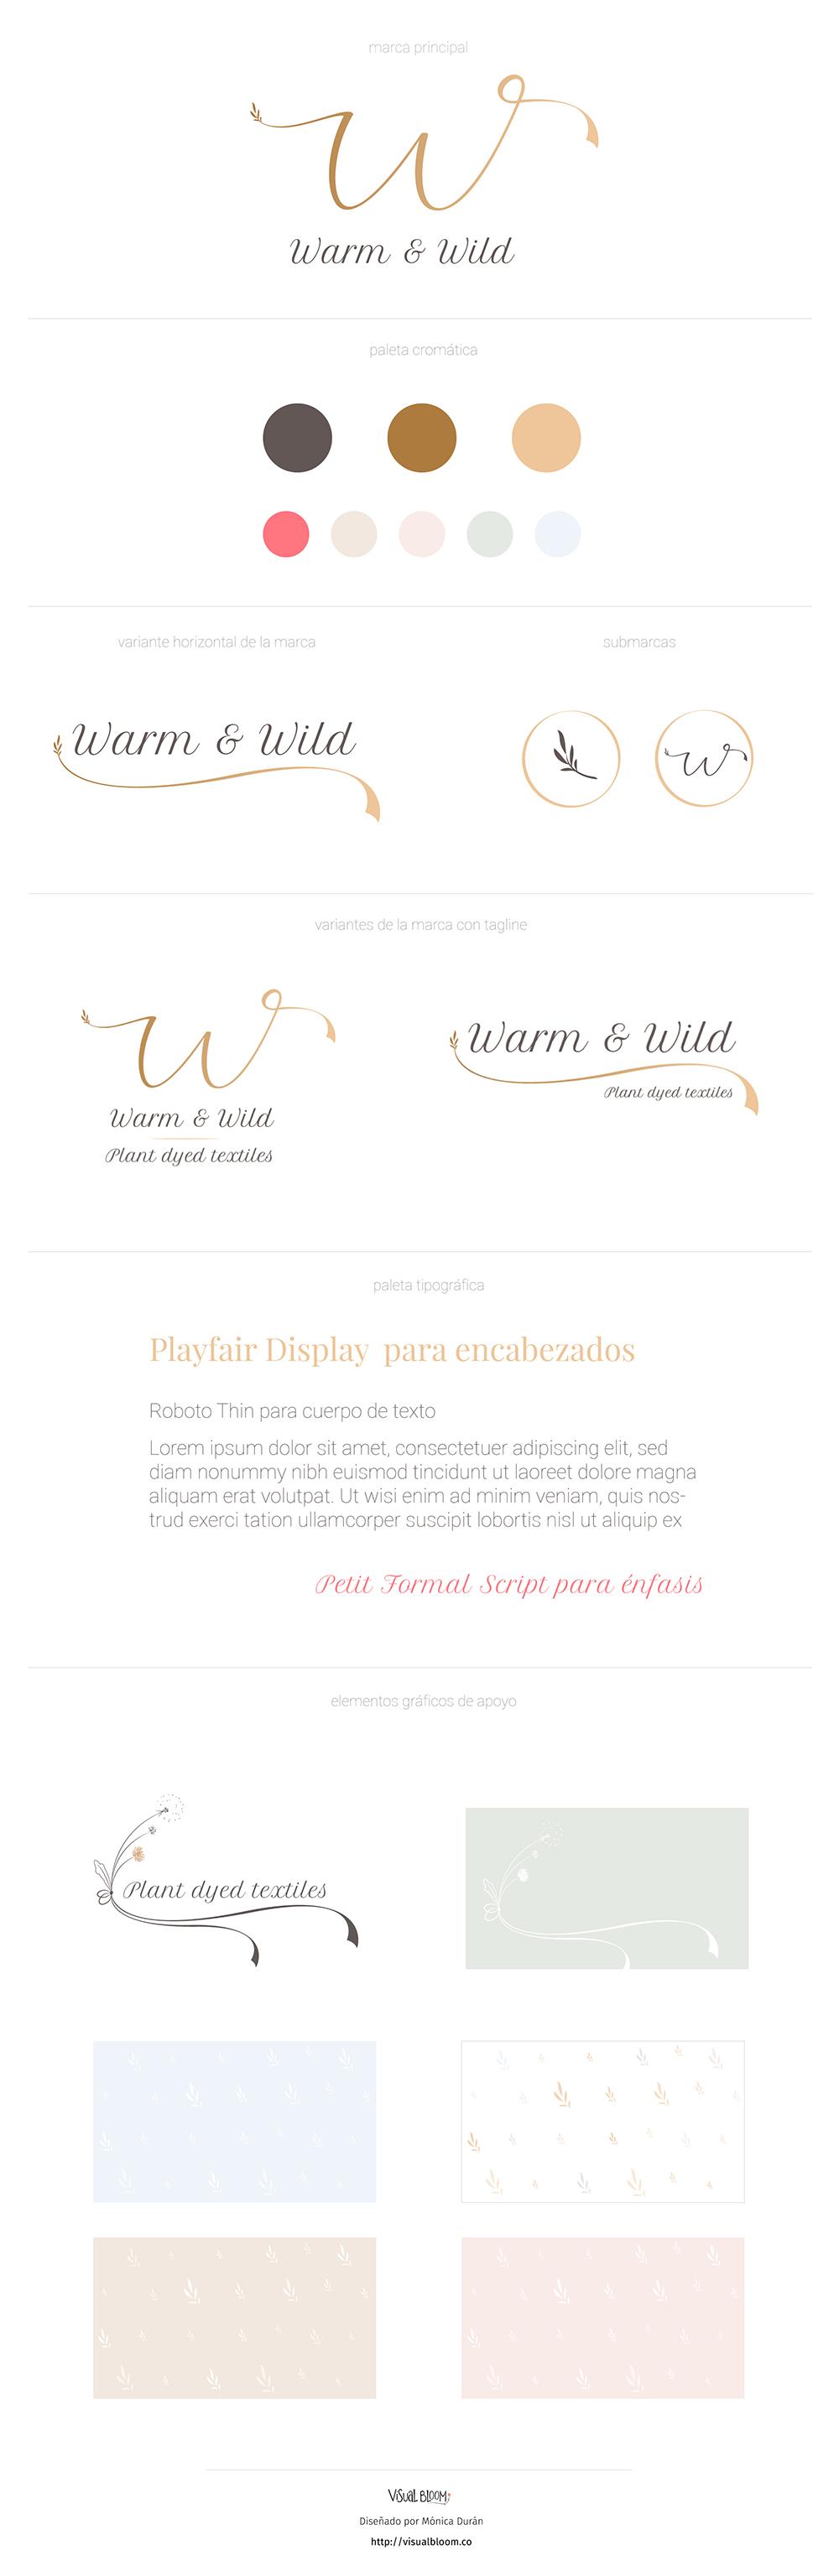 Brand Board para el rebranding de Warm & Wild, una marca slow, de tejidos teñidos a mano de manera artesanal. Delicada, artesana y natural.